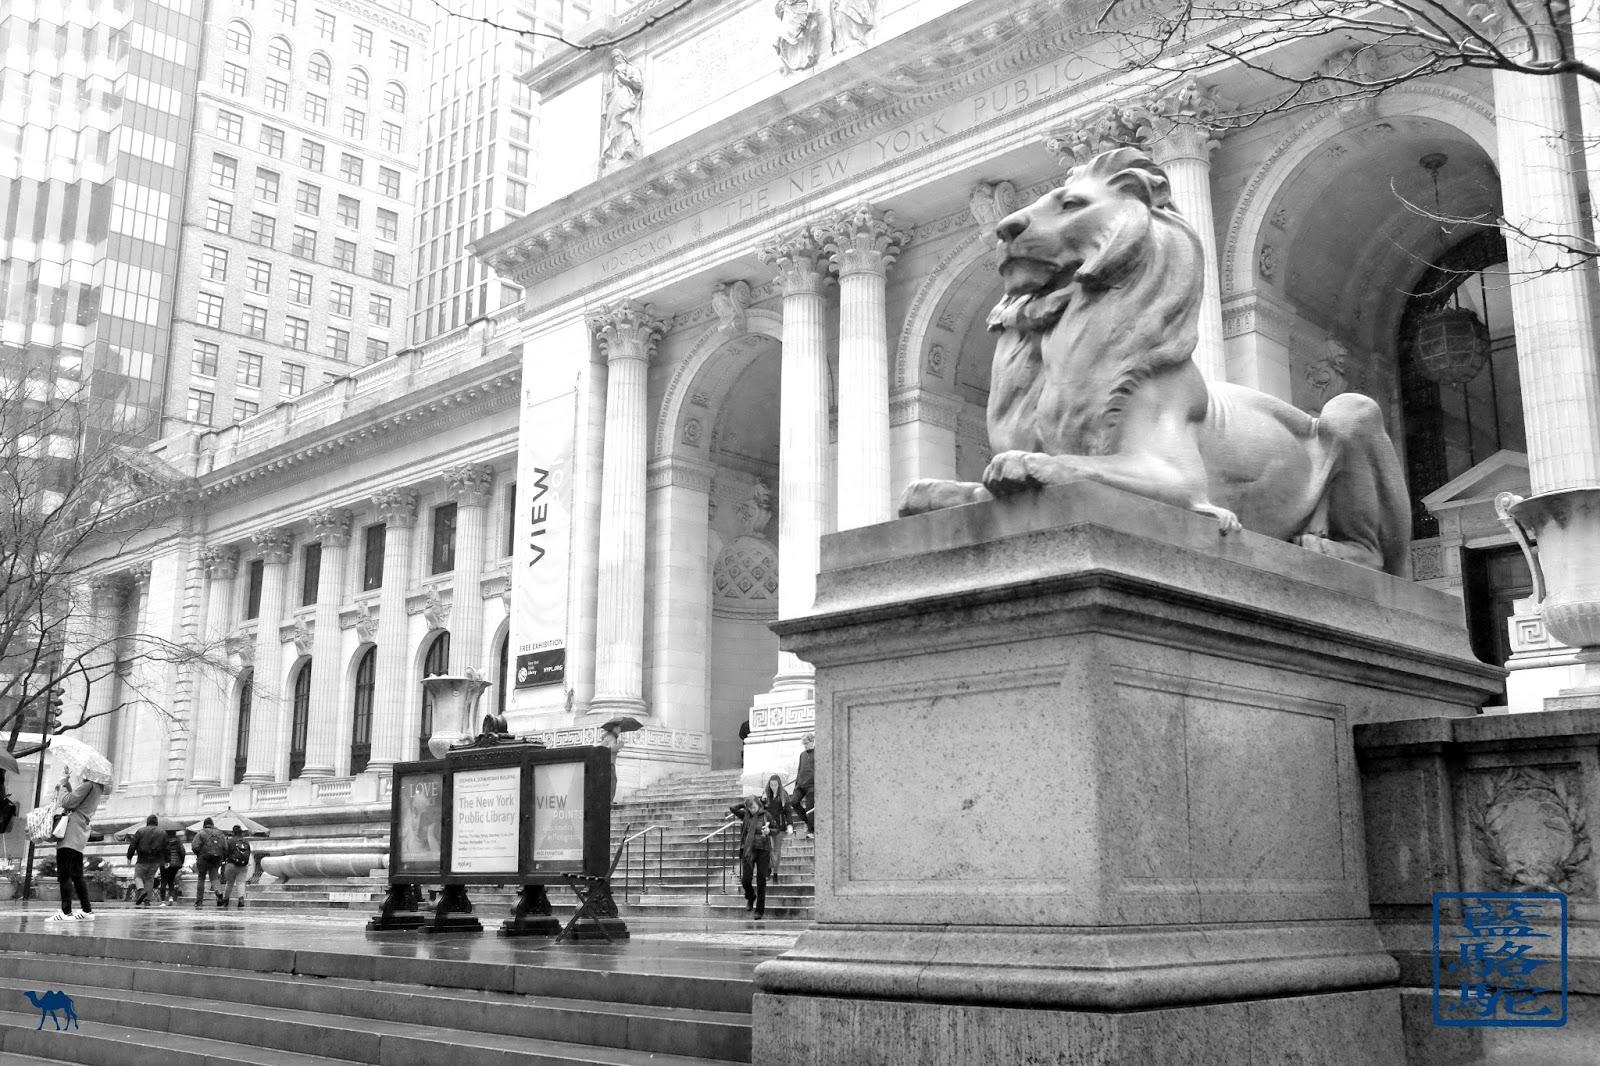 Le Chameau Bleu - Lion de NYPL